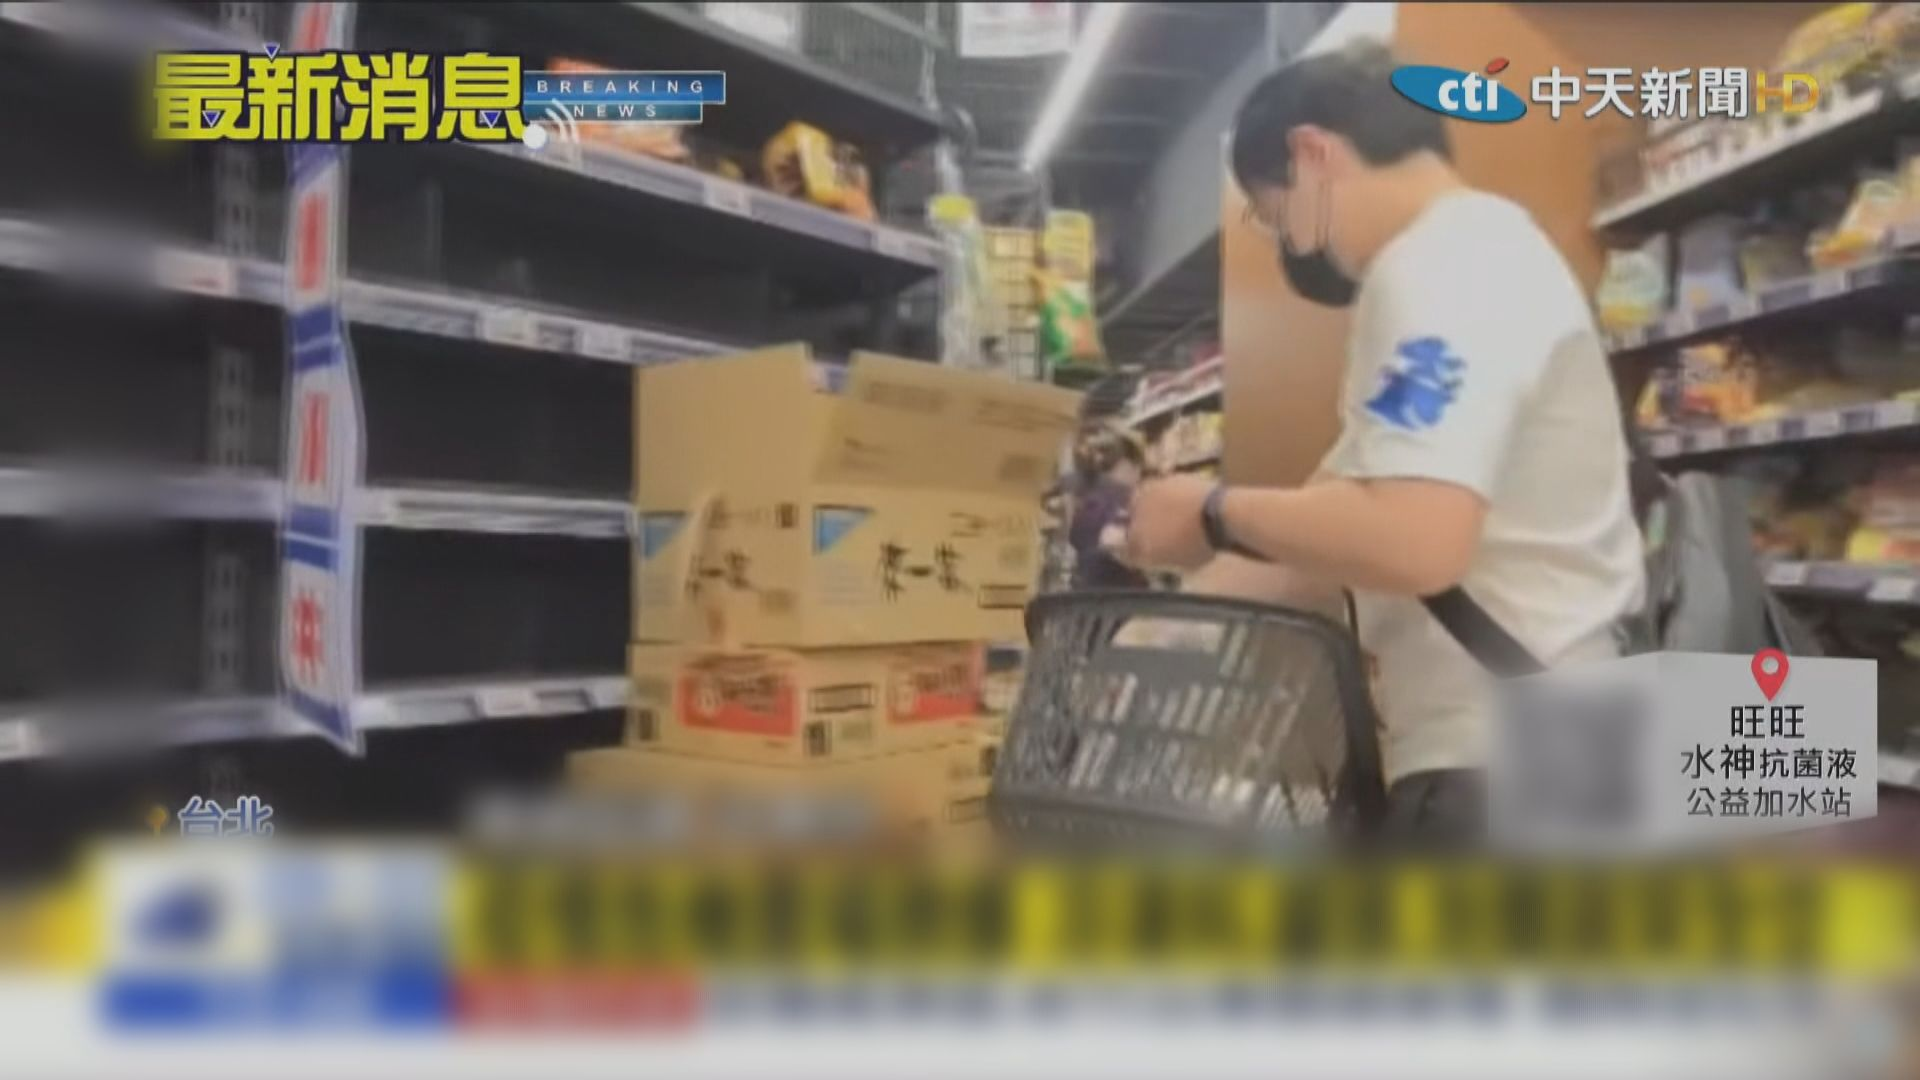 台灣經濟部要求超市四大類民生物資實施限購